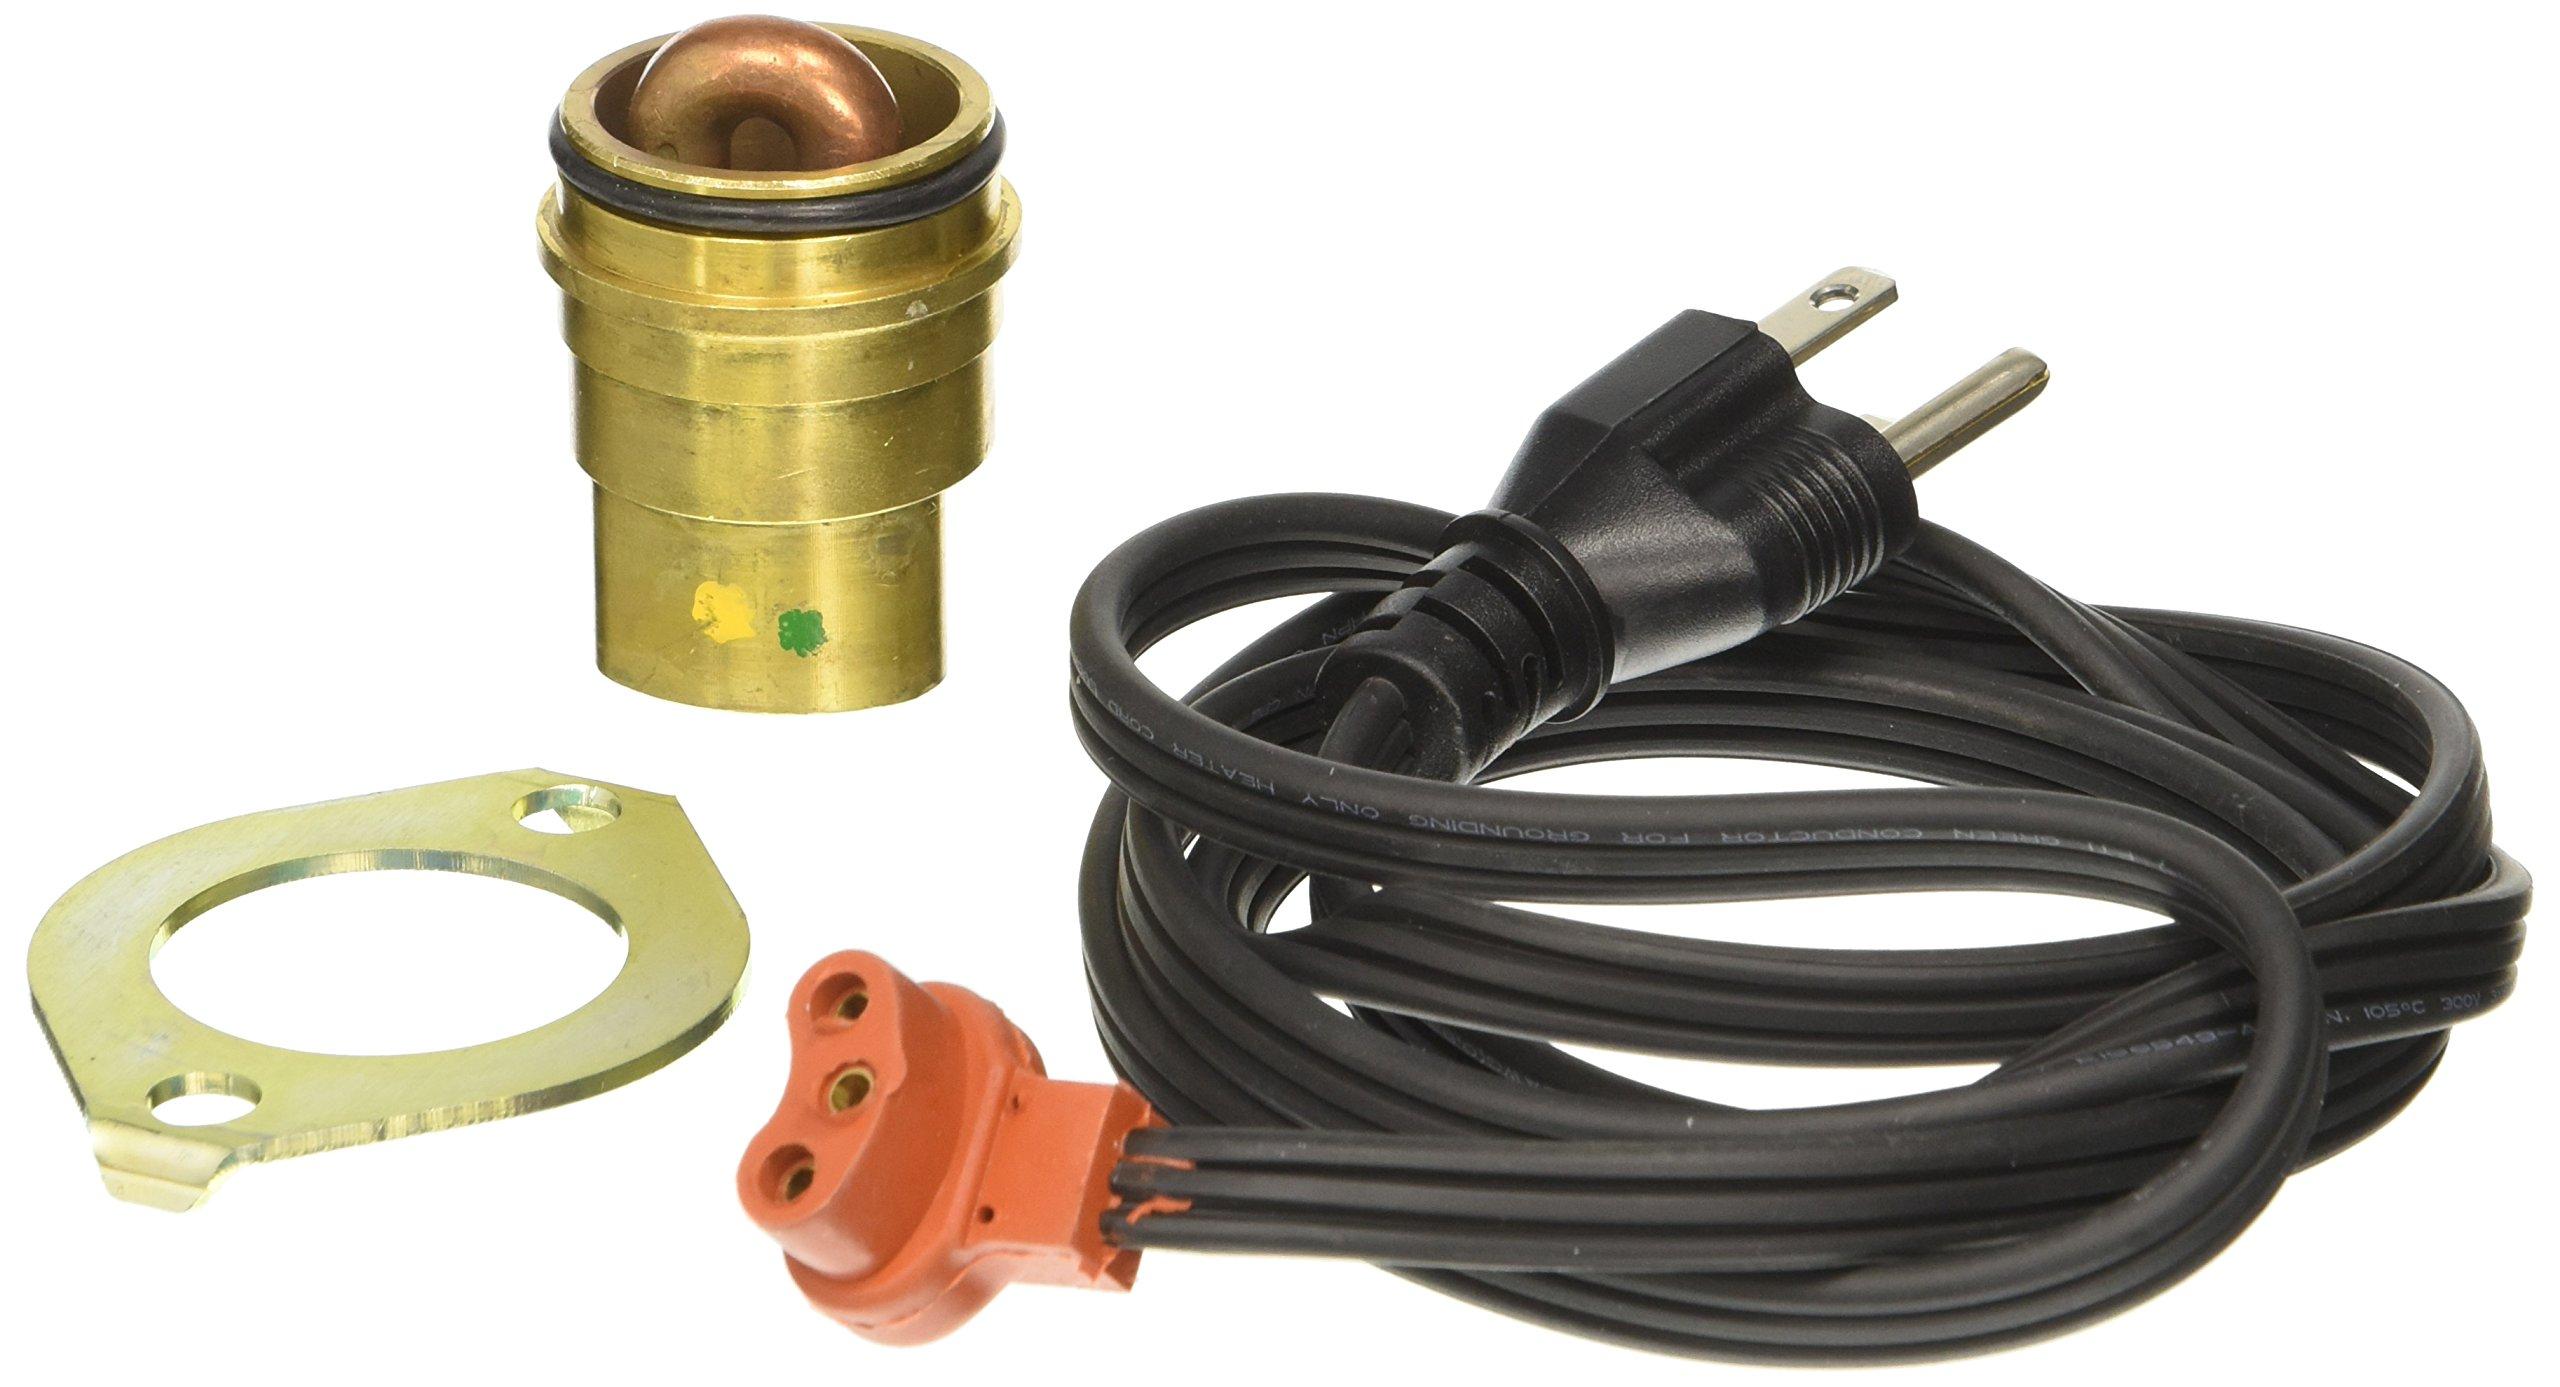 Zerostart 310-0029 Engine Block Heater by Zerostart